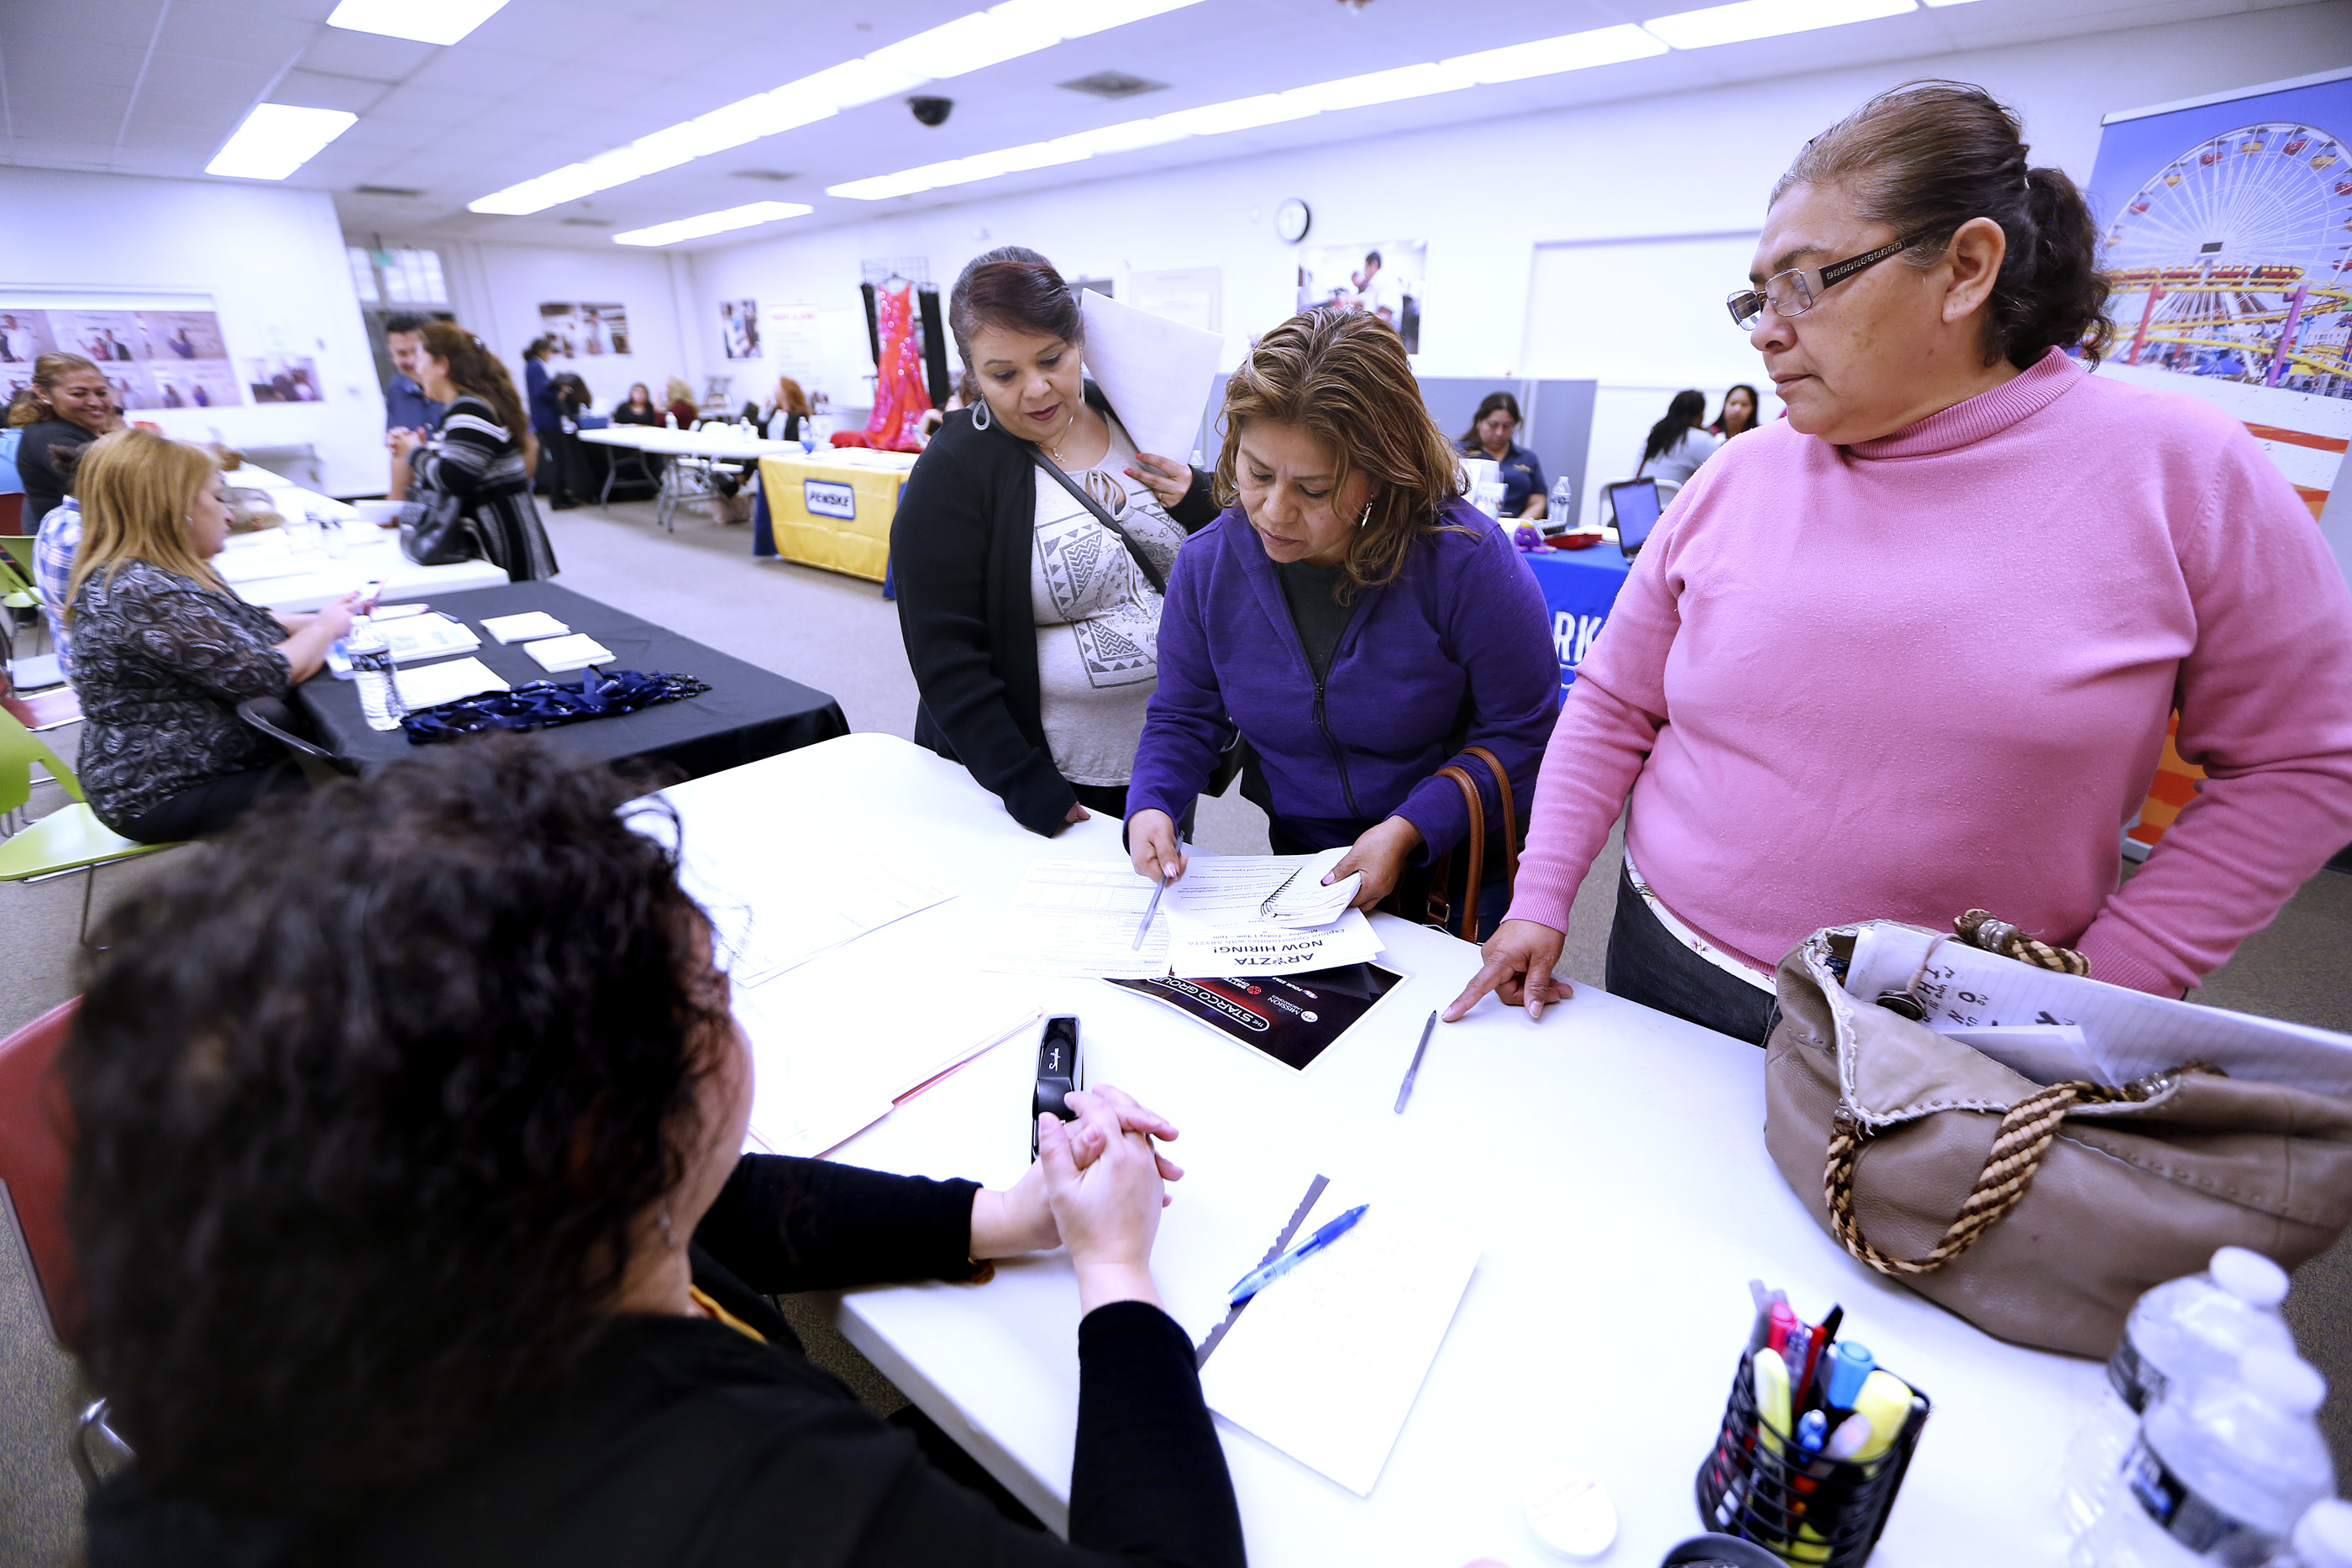 Exempleadas de American Apparel se inscriben a los cursos gratuitos que ofrece el LATTC. (Foto: Aurelia Ventura/La Opinión)